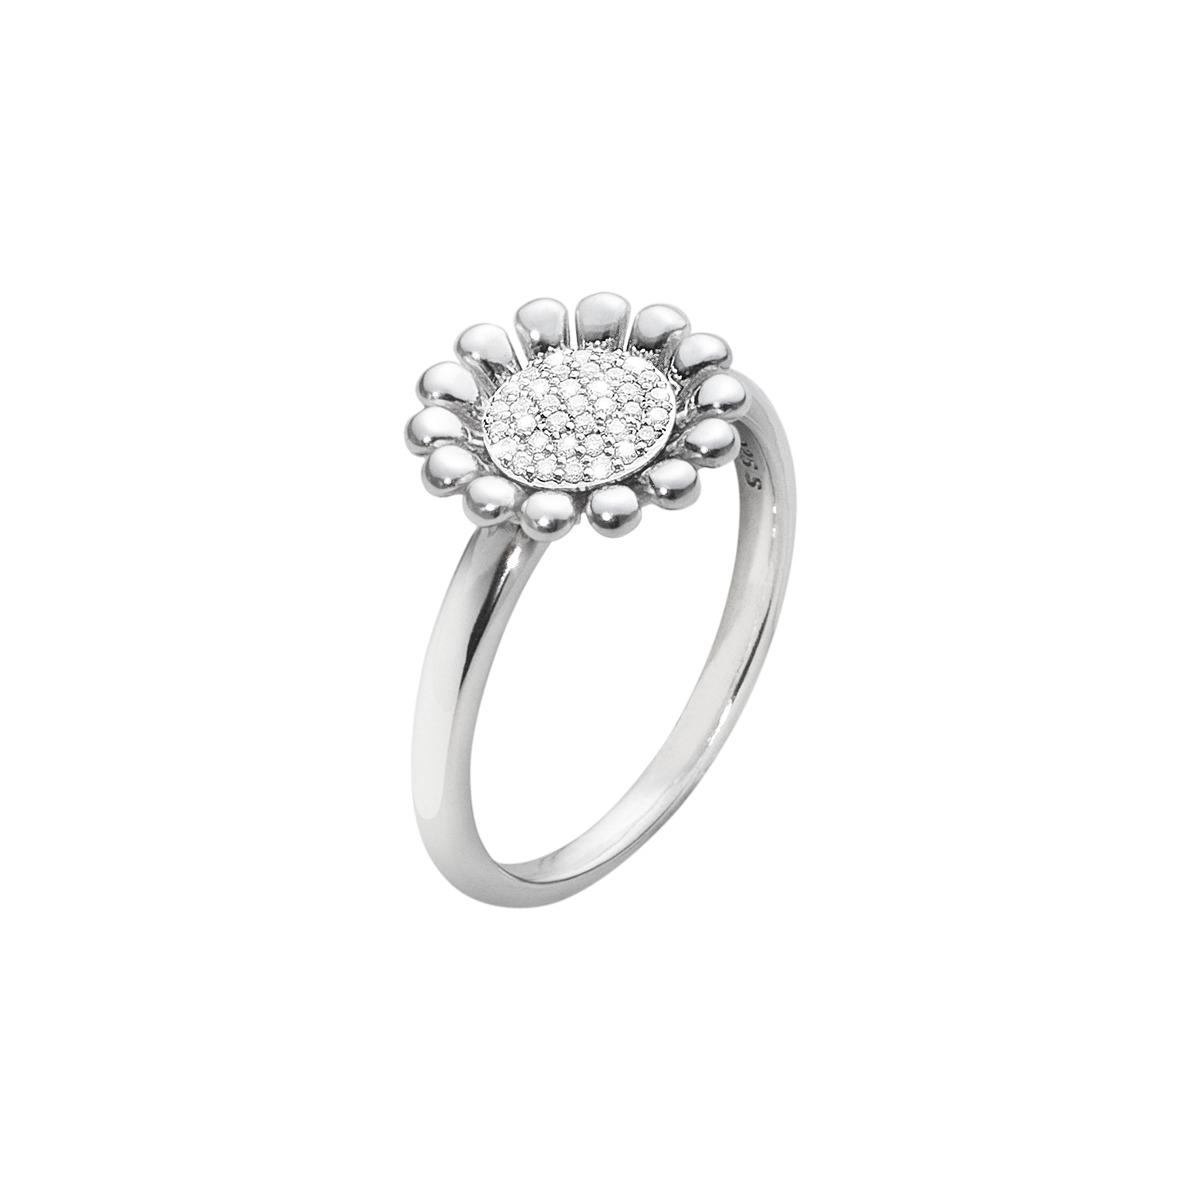 Georg jensen sunflower ring - 3560380 størrelse 51 fra georg jensen på brodersen + kobborg